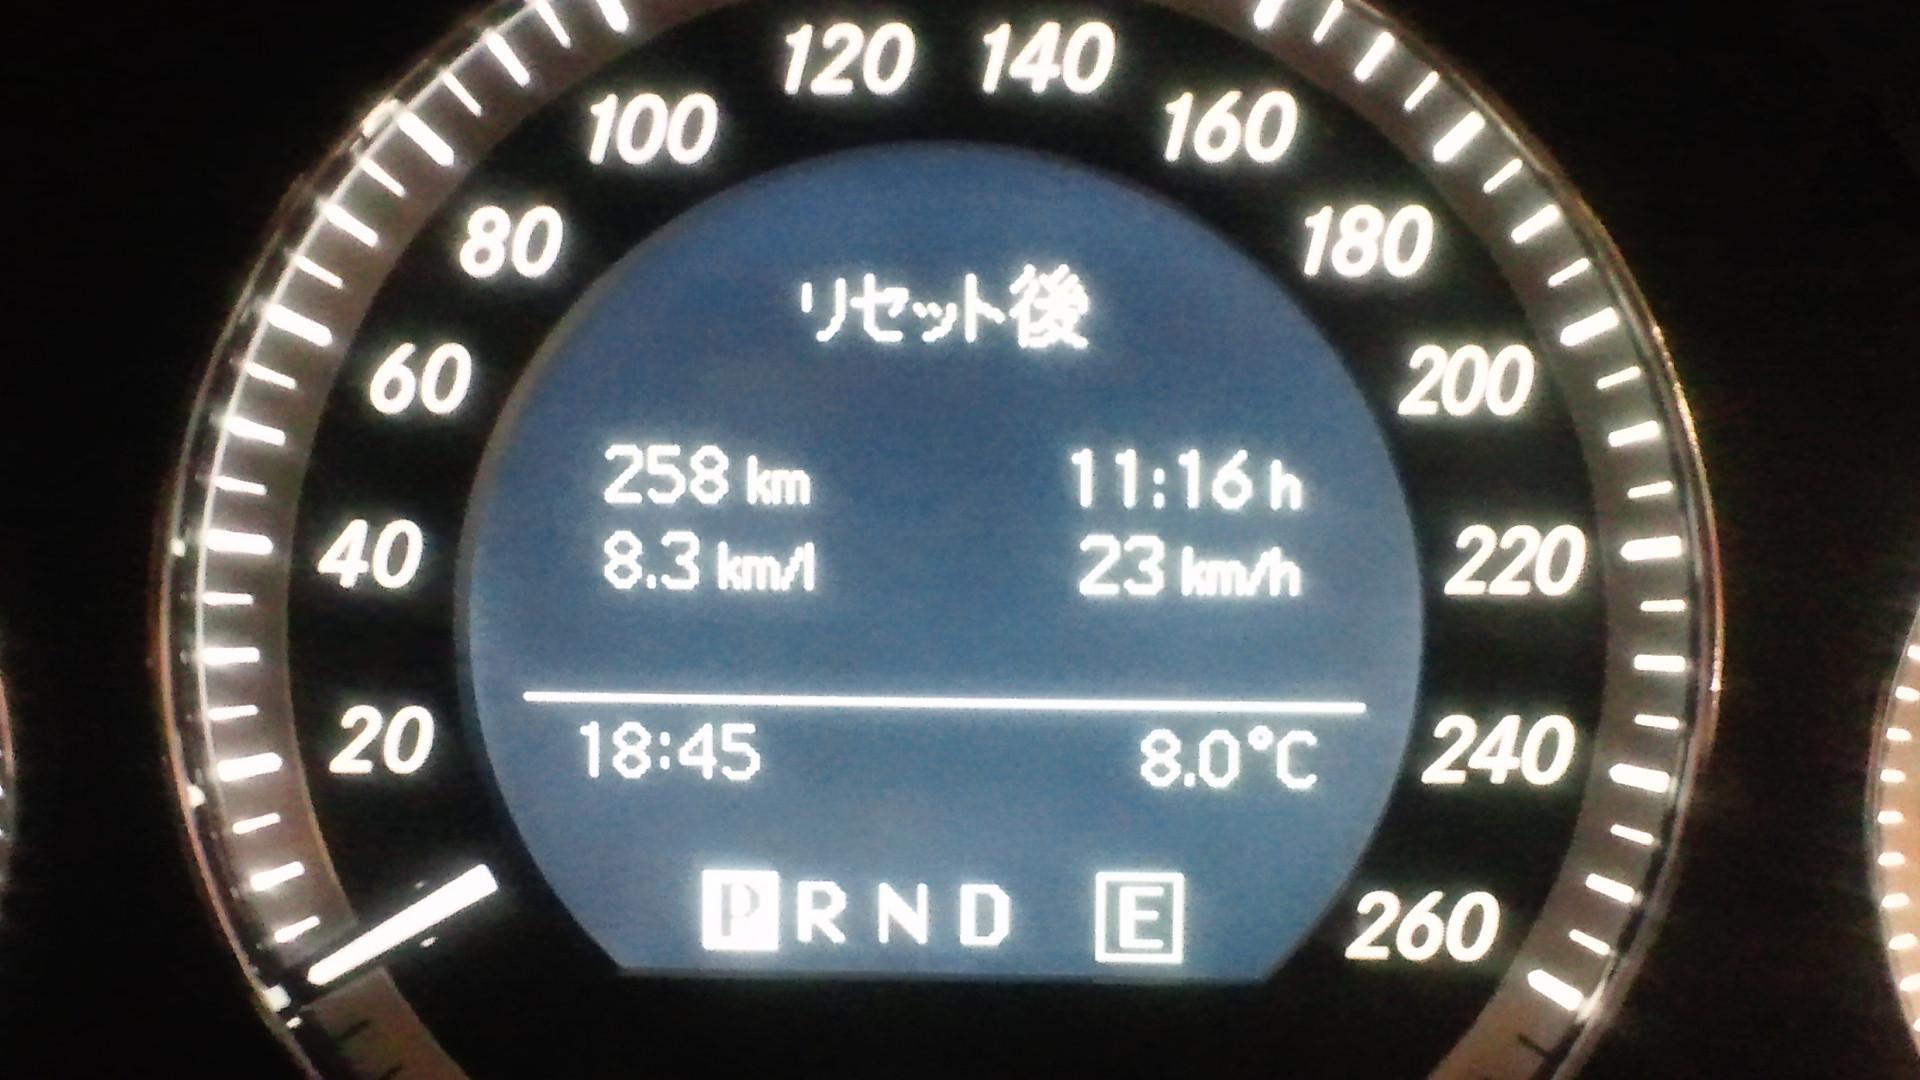 W204の給油記録 2012/02/11